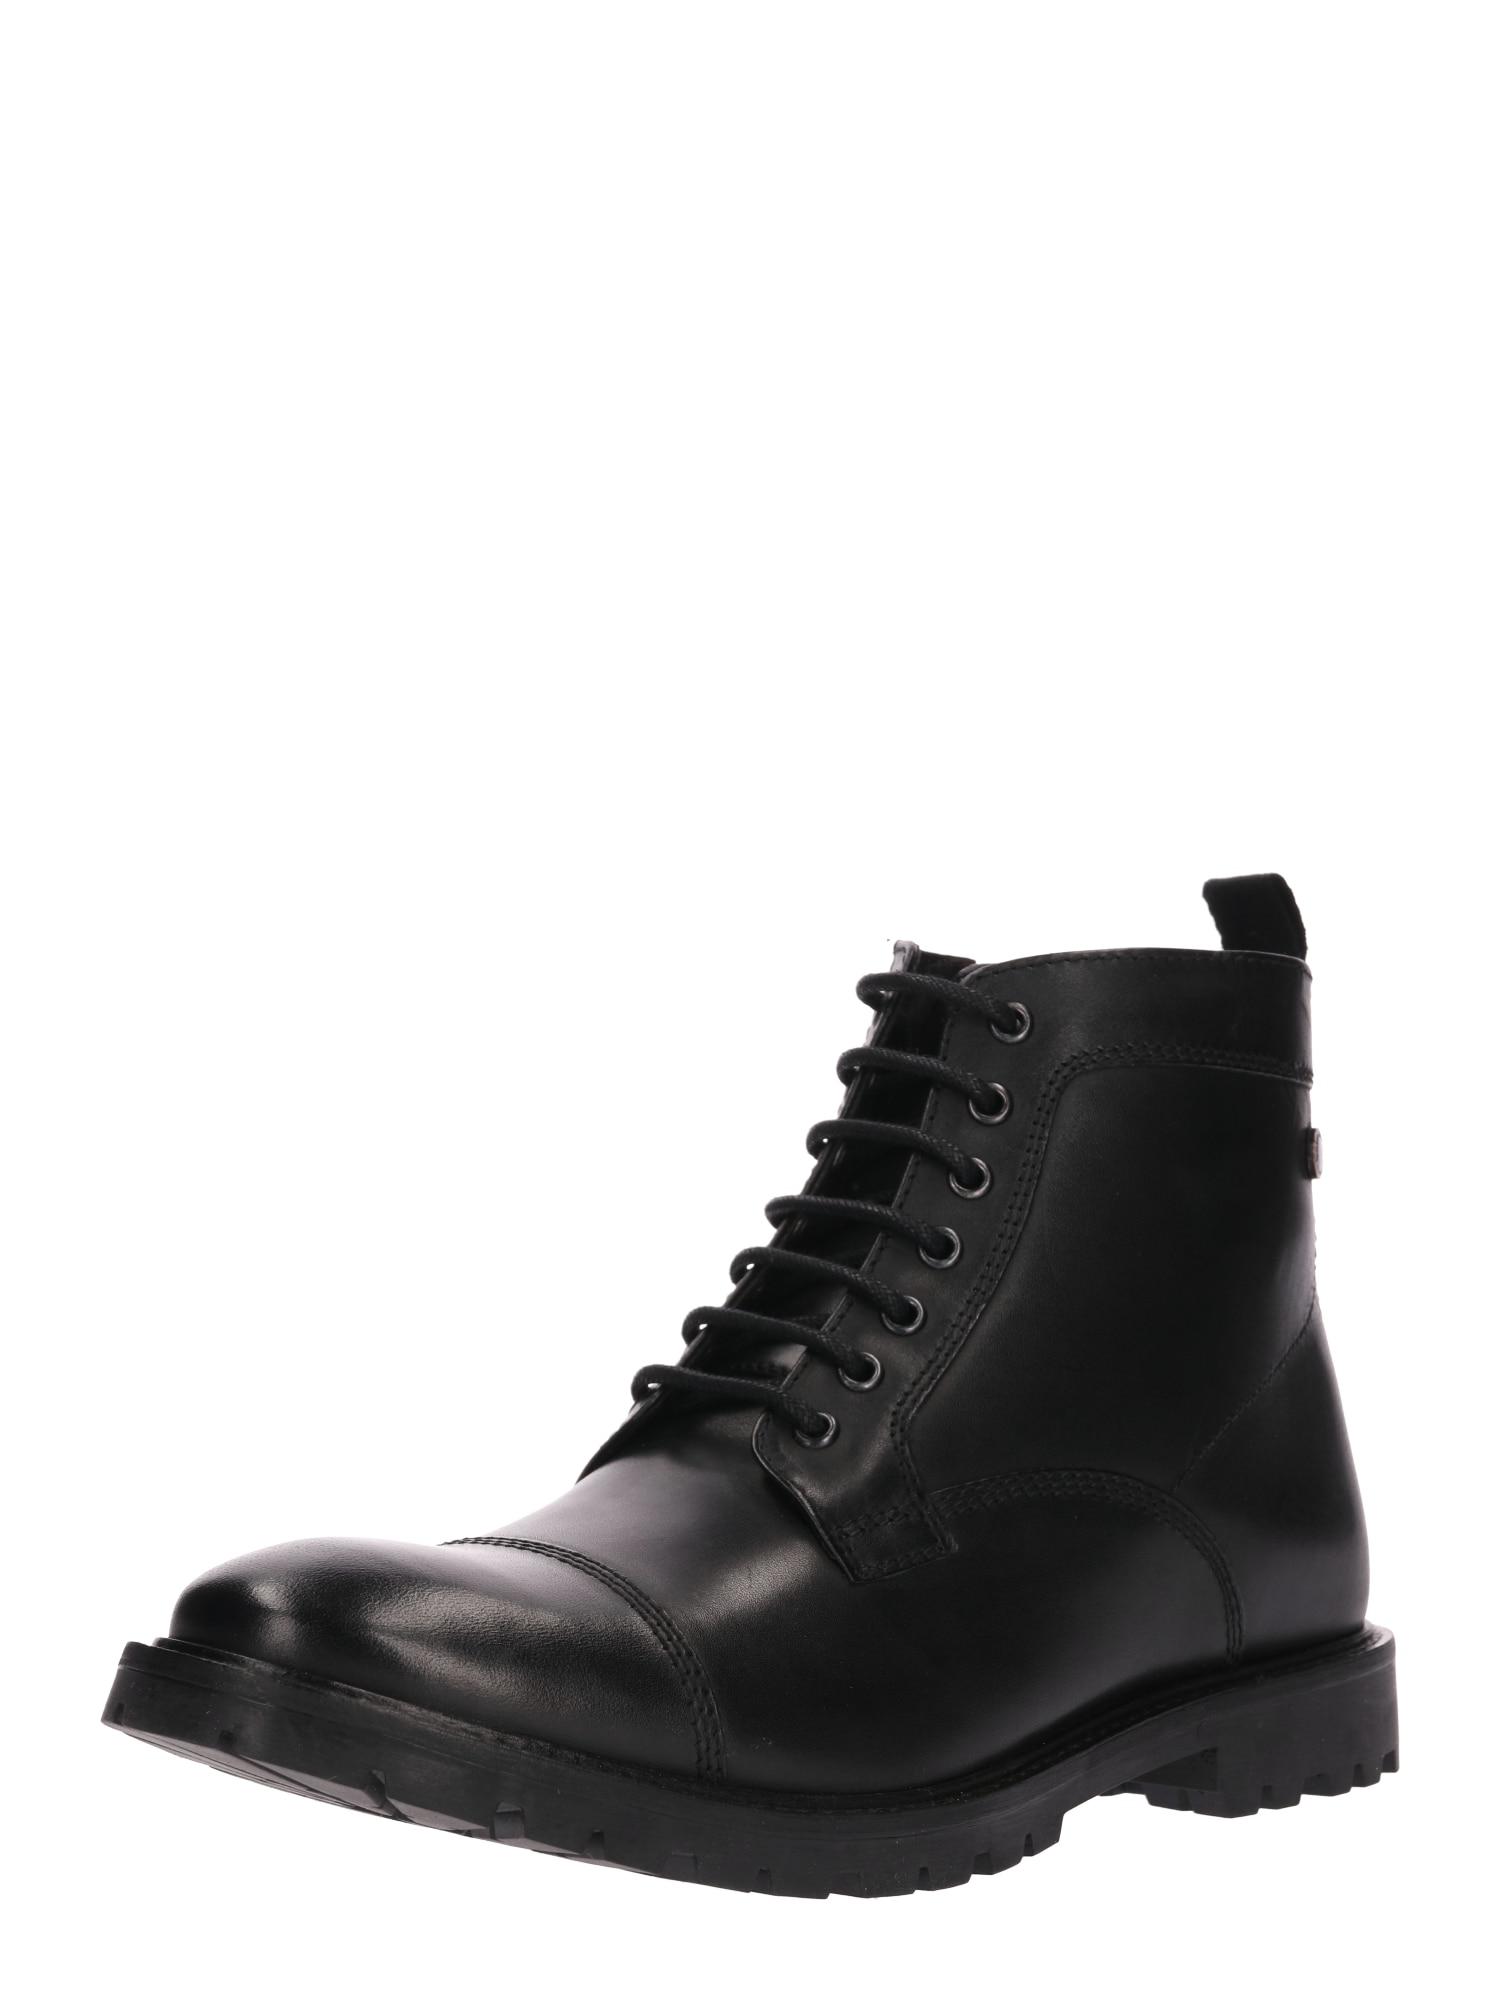 Šněrovací boty BRIGADE černá Base London